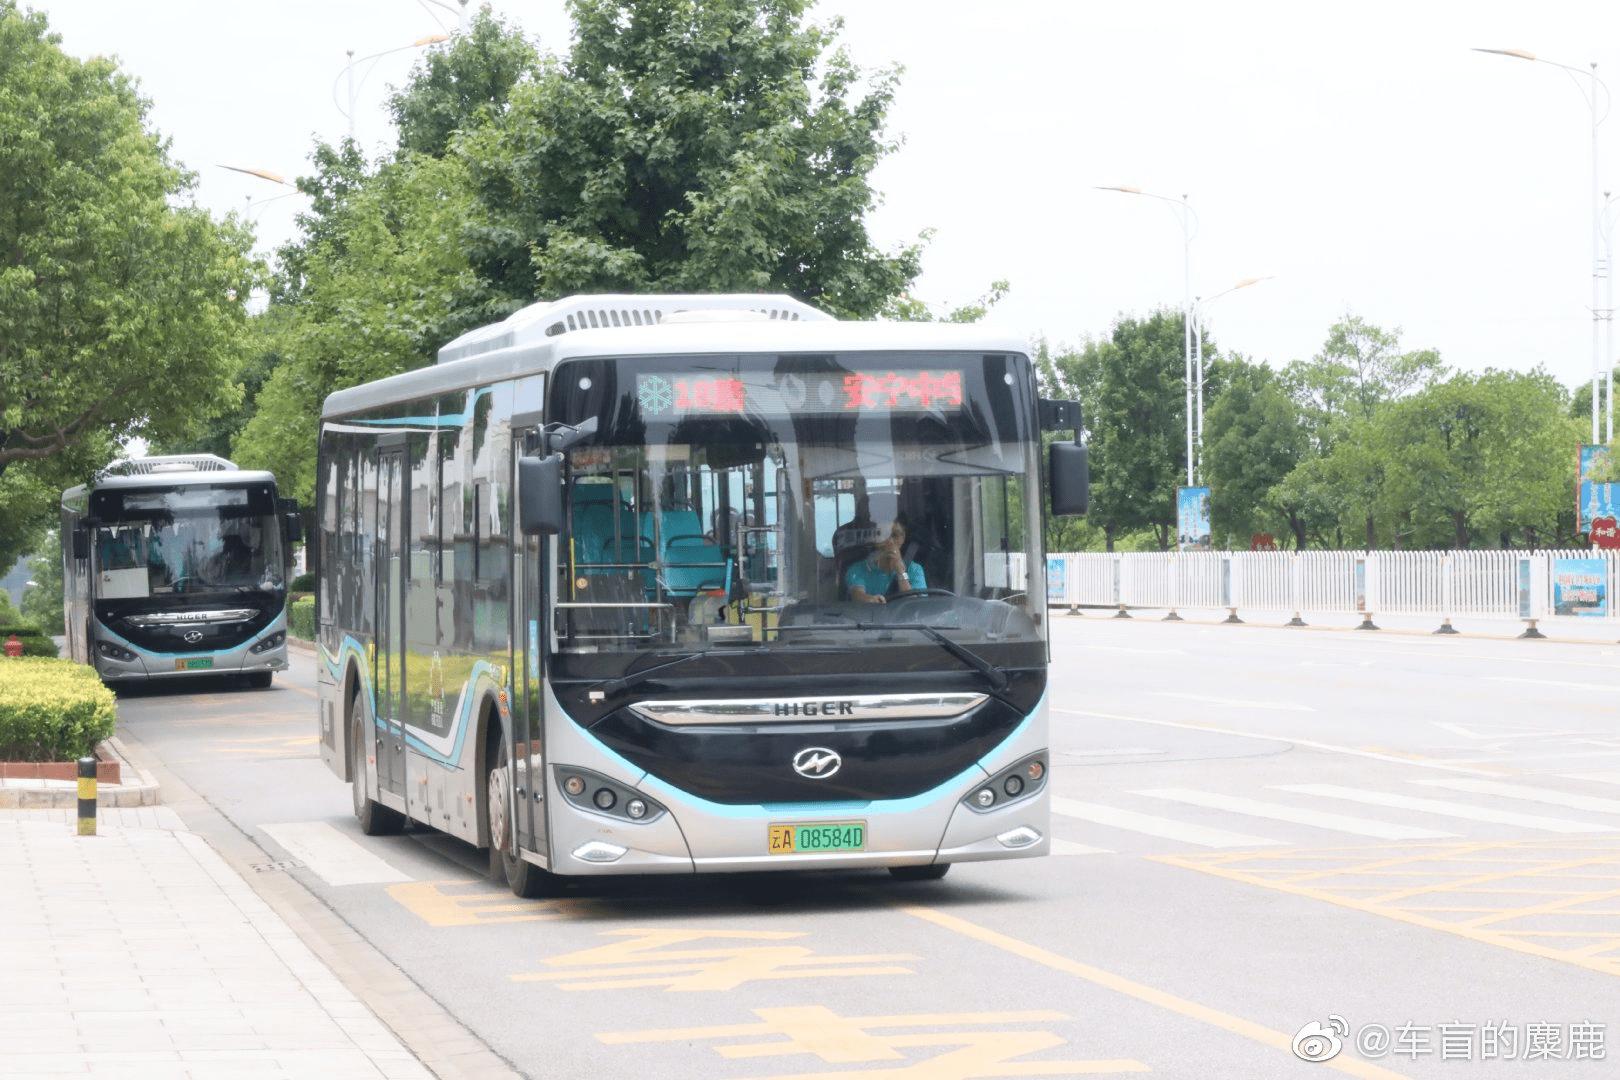 安宁公交携手苏州金龙共推绿色城乡公交一体化建设